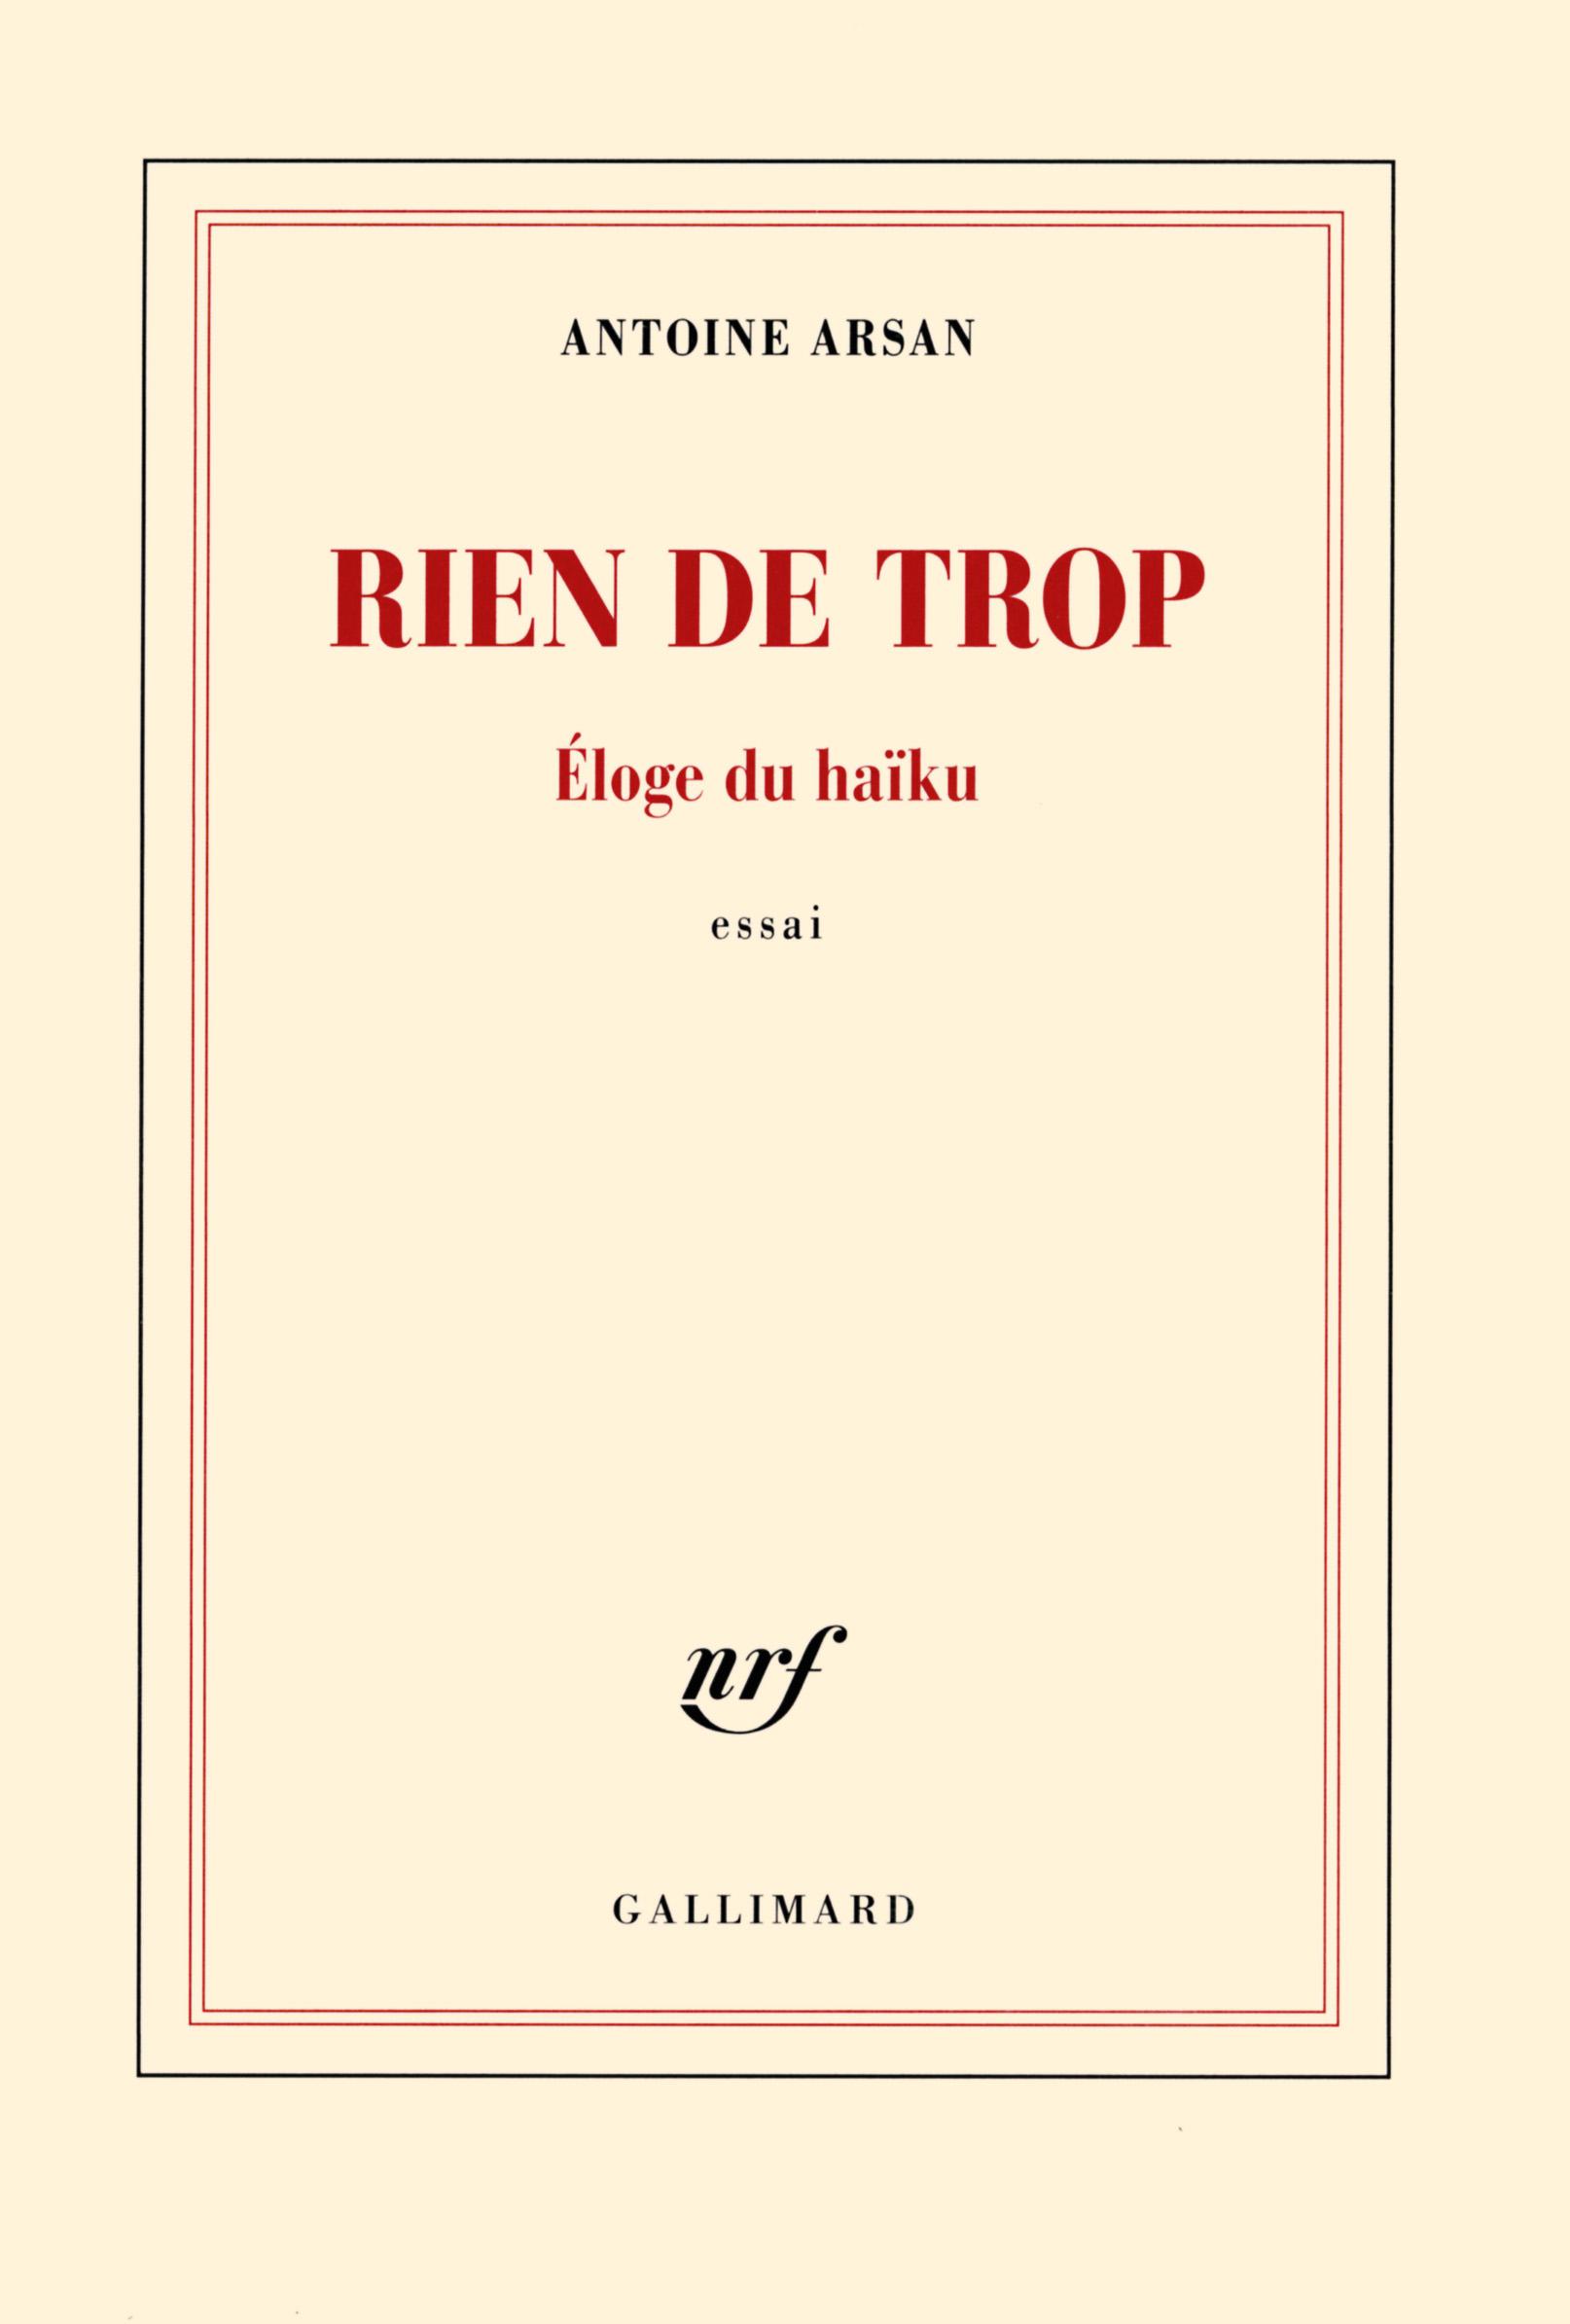 Rien de trop, éloge du haïku, Antoine Arsan, Gallimard, 95 pages, 11 euros.